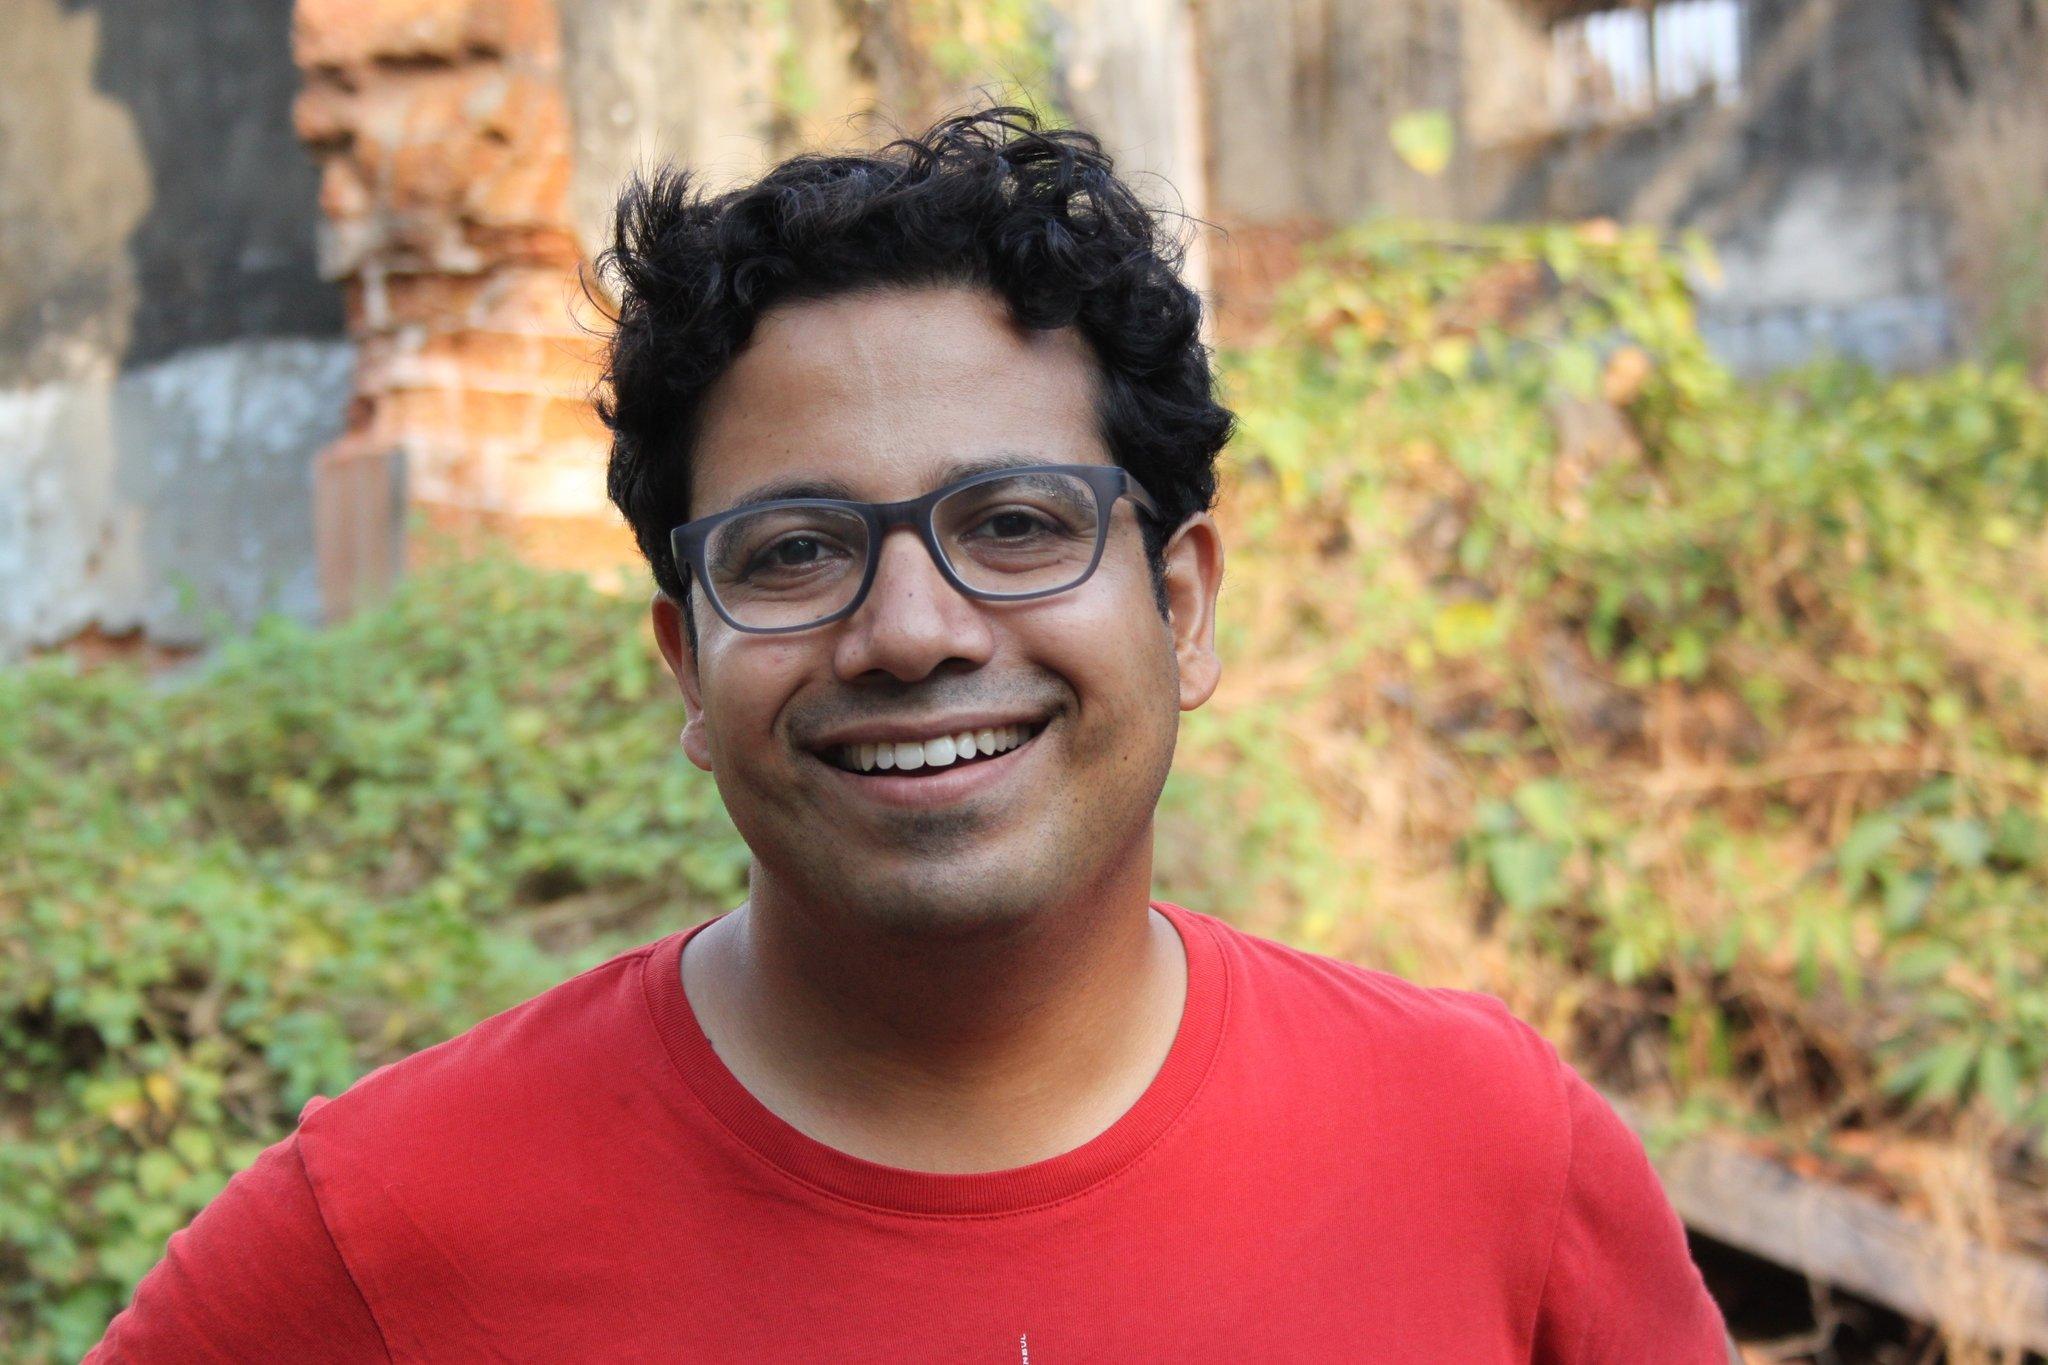 kushavana-choudhury-ajaygandhi-1jpg-604d3fd66820551f.jpg